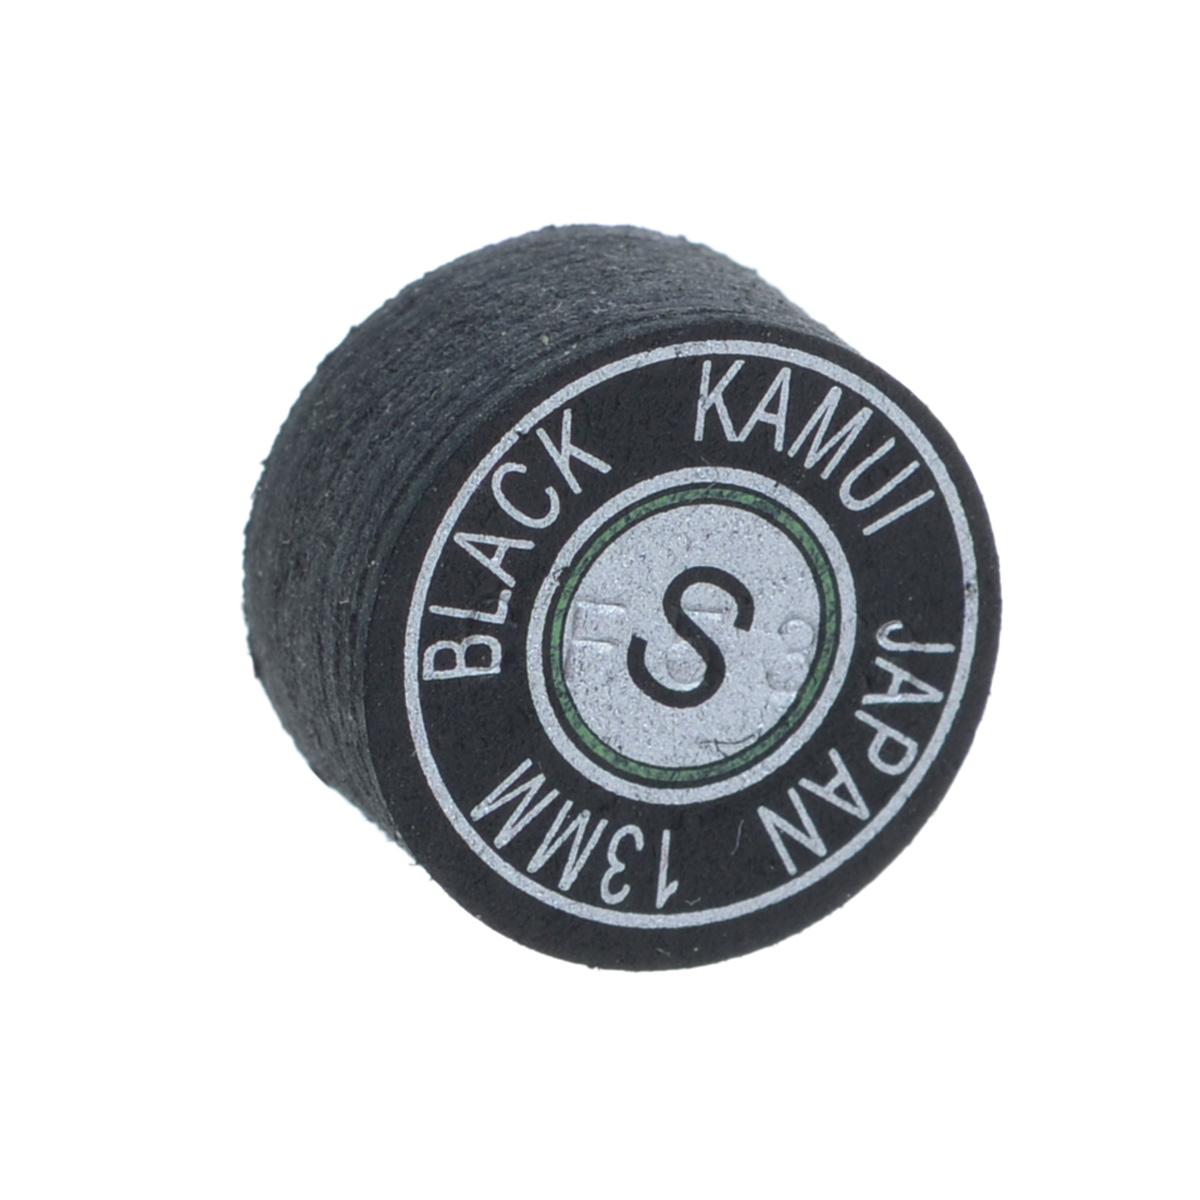 Наклейка для кия Kamui Black, мягкая, 13 мм03102Почему игроки выбирают наклейки KAMUI:Повышенная устойчивость к влажности. Кожа для наклеек KAMUI проходит этап растительного дубления. Это позволяет сделать кожу более эластичной и прочной по сравнению, например, с кожей, которая прошла этап хромового дубления. Тем не менее, после растительного дубления кожа имеет тенденцию поглощать влагу, которая уменьшает как прочность, так и эластичность кожи. Именно поэтому KAMUI проводит дополнительный, специальный, этап дубления кожи, после которого кожа сохраняет прочность и эластичность. Как результат - наклейки KAMUI не изменяют своих игровых свойств даже в средах с повышенной влажностью.Уменьшение эффекта грибной шляпки. Появление у наклейки формы грибной шляпки связано с отсутствием достаточной прочности у наклейки при ударе по шарам. Эта шляпка не позволит игроку сделать точный, аккуратный удар. Во время дубления кожи для наклеек KAMUI процесс останавливается именно в тот момент, когда кожа имеет наибольшую прочность и устойчивость к образованию грибной шляпки.Стабильность. При выборе наклейки для кия очень важна ее стабильность на всем протяжении ее использования. Трудно играть, когда игровые характеристики новой наклейки отличаются от предыдущей, к которой вы уже привыкли. KAMUI направляет большие усилия на улучшение традиционного метода контроля качества. Имея большую базу данных по тестам и разработкам, KAMUI удалось создать лучший контроль качества среди всех производителей бильярдных наклеек. Это позволяет производить наклейки KAMUI, которые абсолютно не отличаются друг от друга - т.е. установив очередную наклейку KAMUI вместо отработавшей, вы не заметите разницы.Контроль качества кожи для наклеек KAMUI. Качество и надежность является важным моментом при производстве высококлассных бильярдных наклеек. KAMUI ввел новый специальный метод проверки кожи на ее структуру и реакцию на растительное дубление. KAMUI работает над привлечением новых и традиционных технологий, п